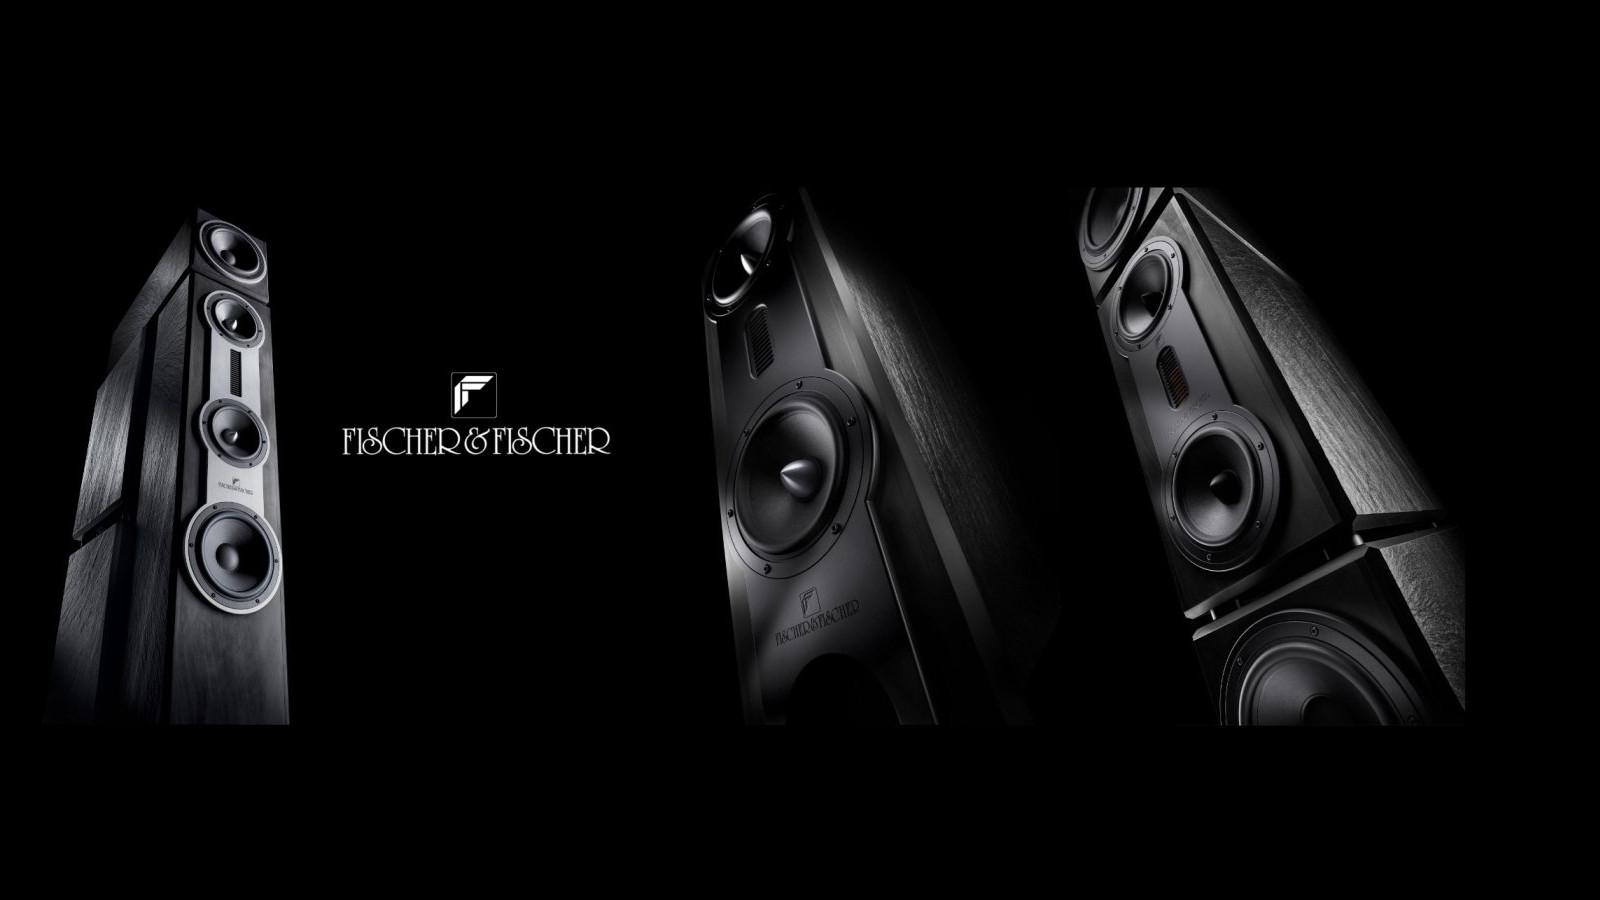 fischer&fischer-SN:SL1000.1-loudspeaker2